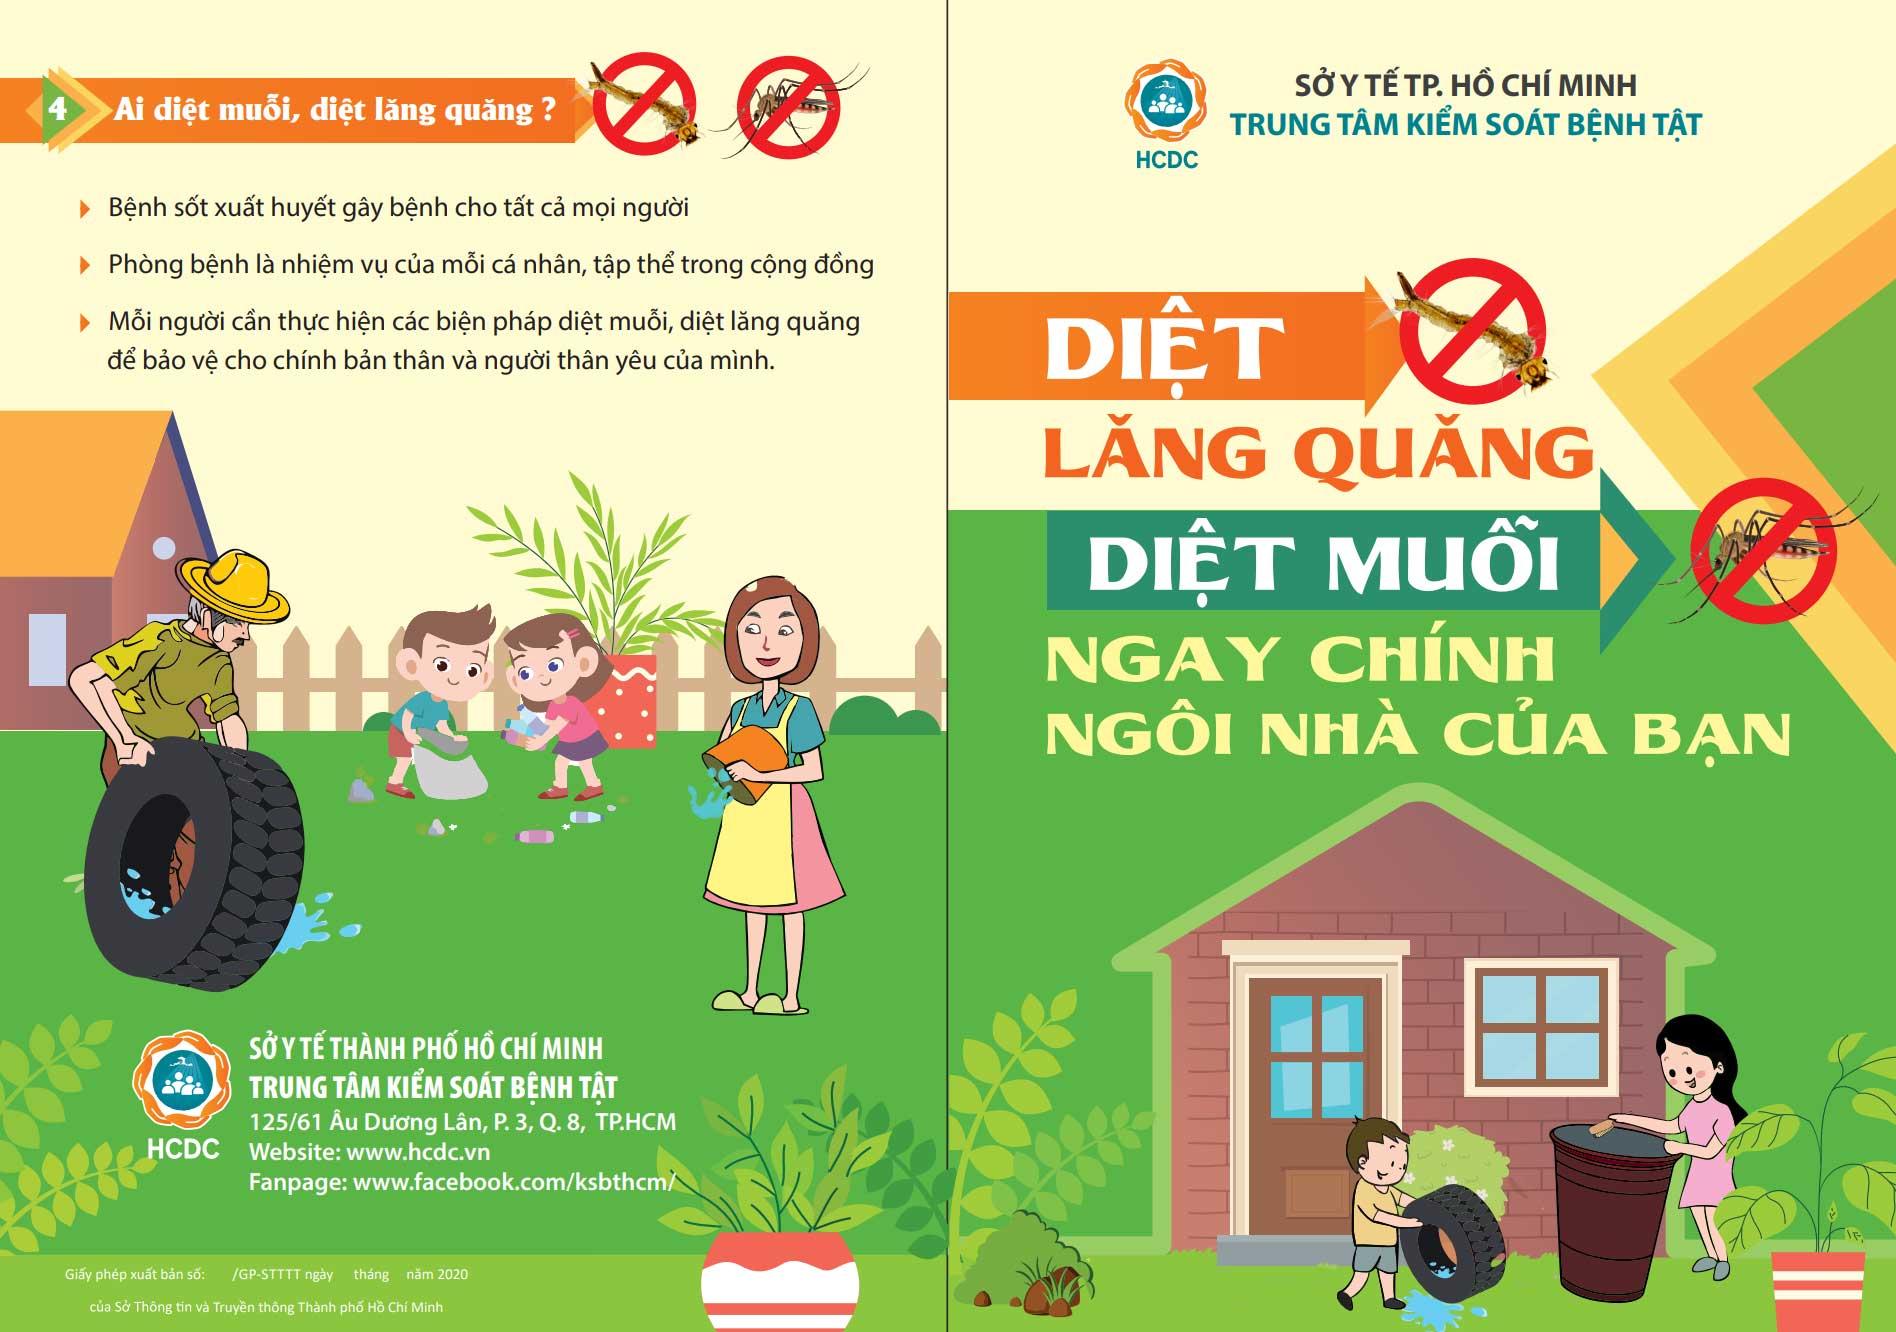 Diệt lăng quăng, diệt muỗi ngay chính ngôi nhà của bạn - Taimuihongsg.com